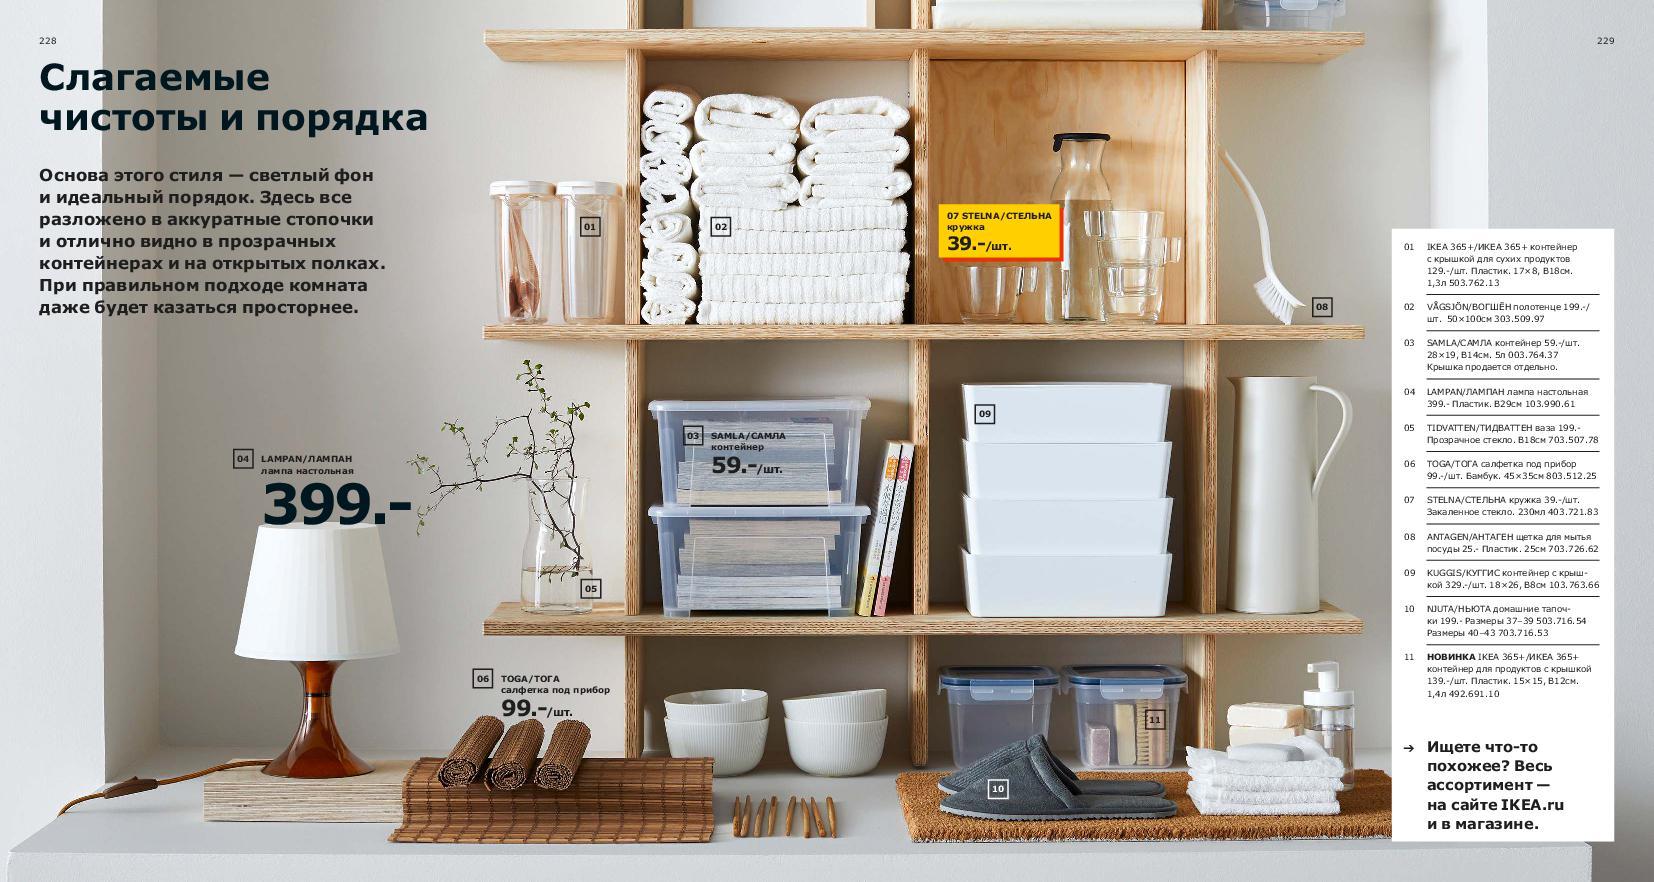 IKEA_catalogue_2019-115